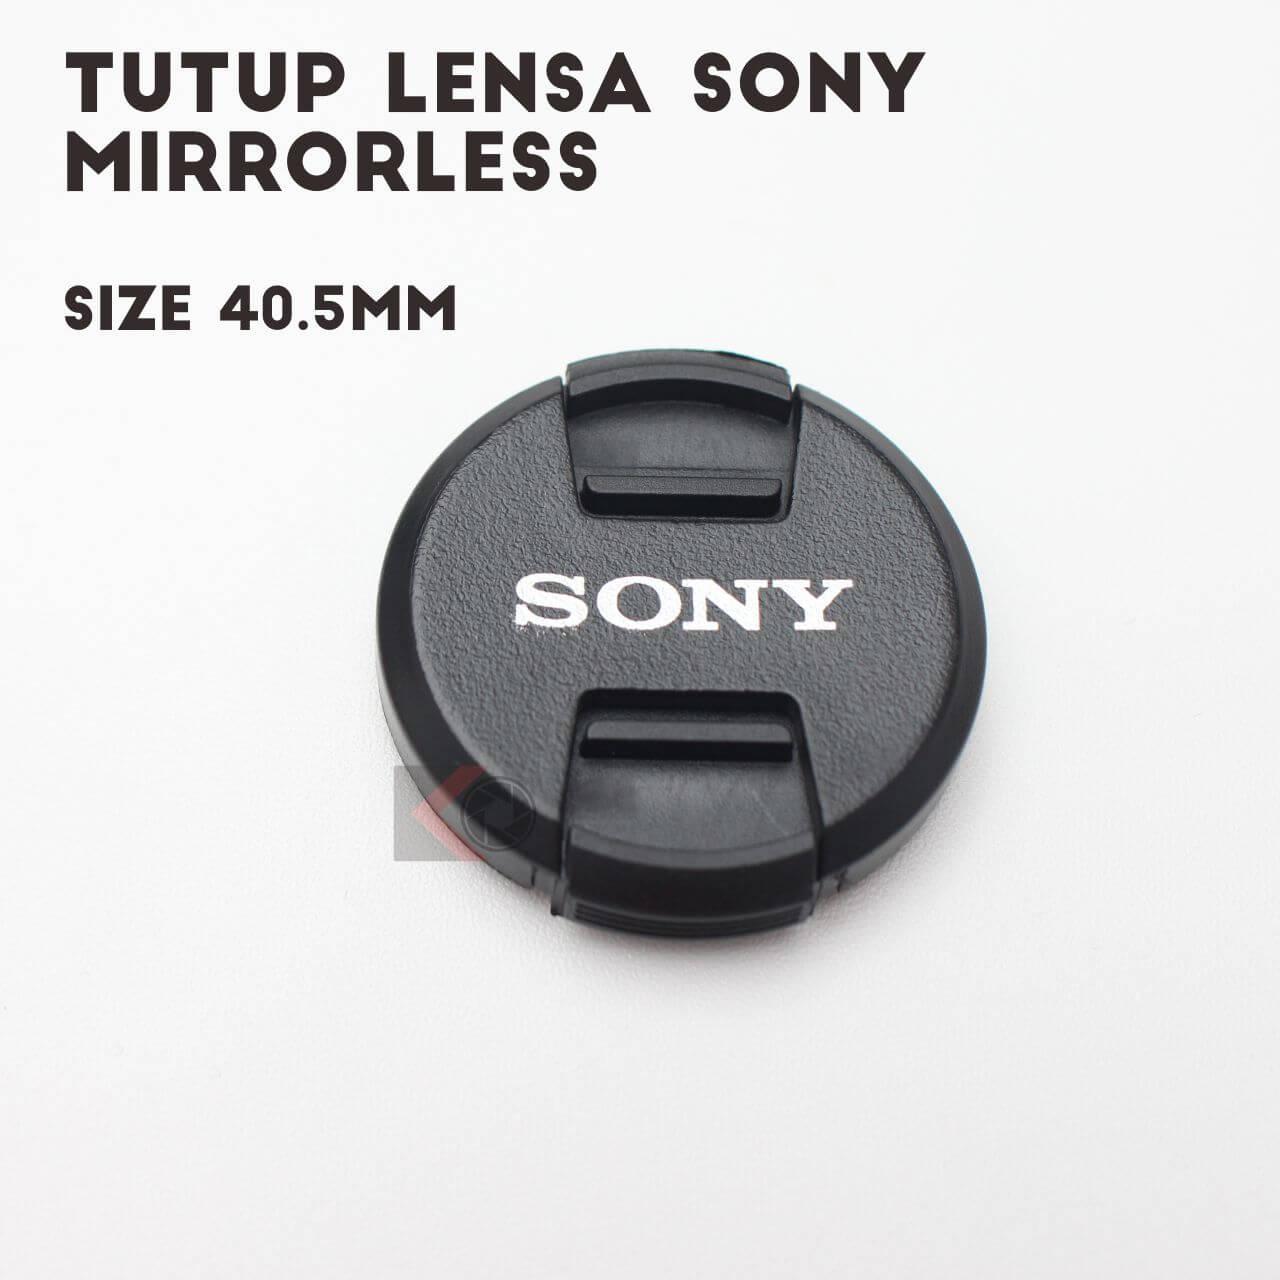 Lenscap Sony Mirrorless Lens Kit 16-50 OSS (40.5mm)